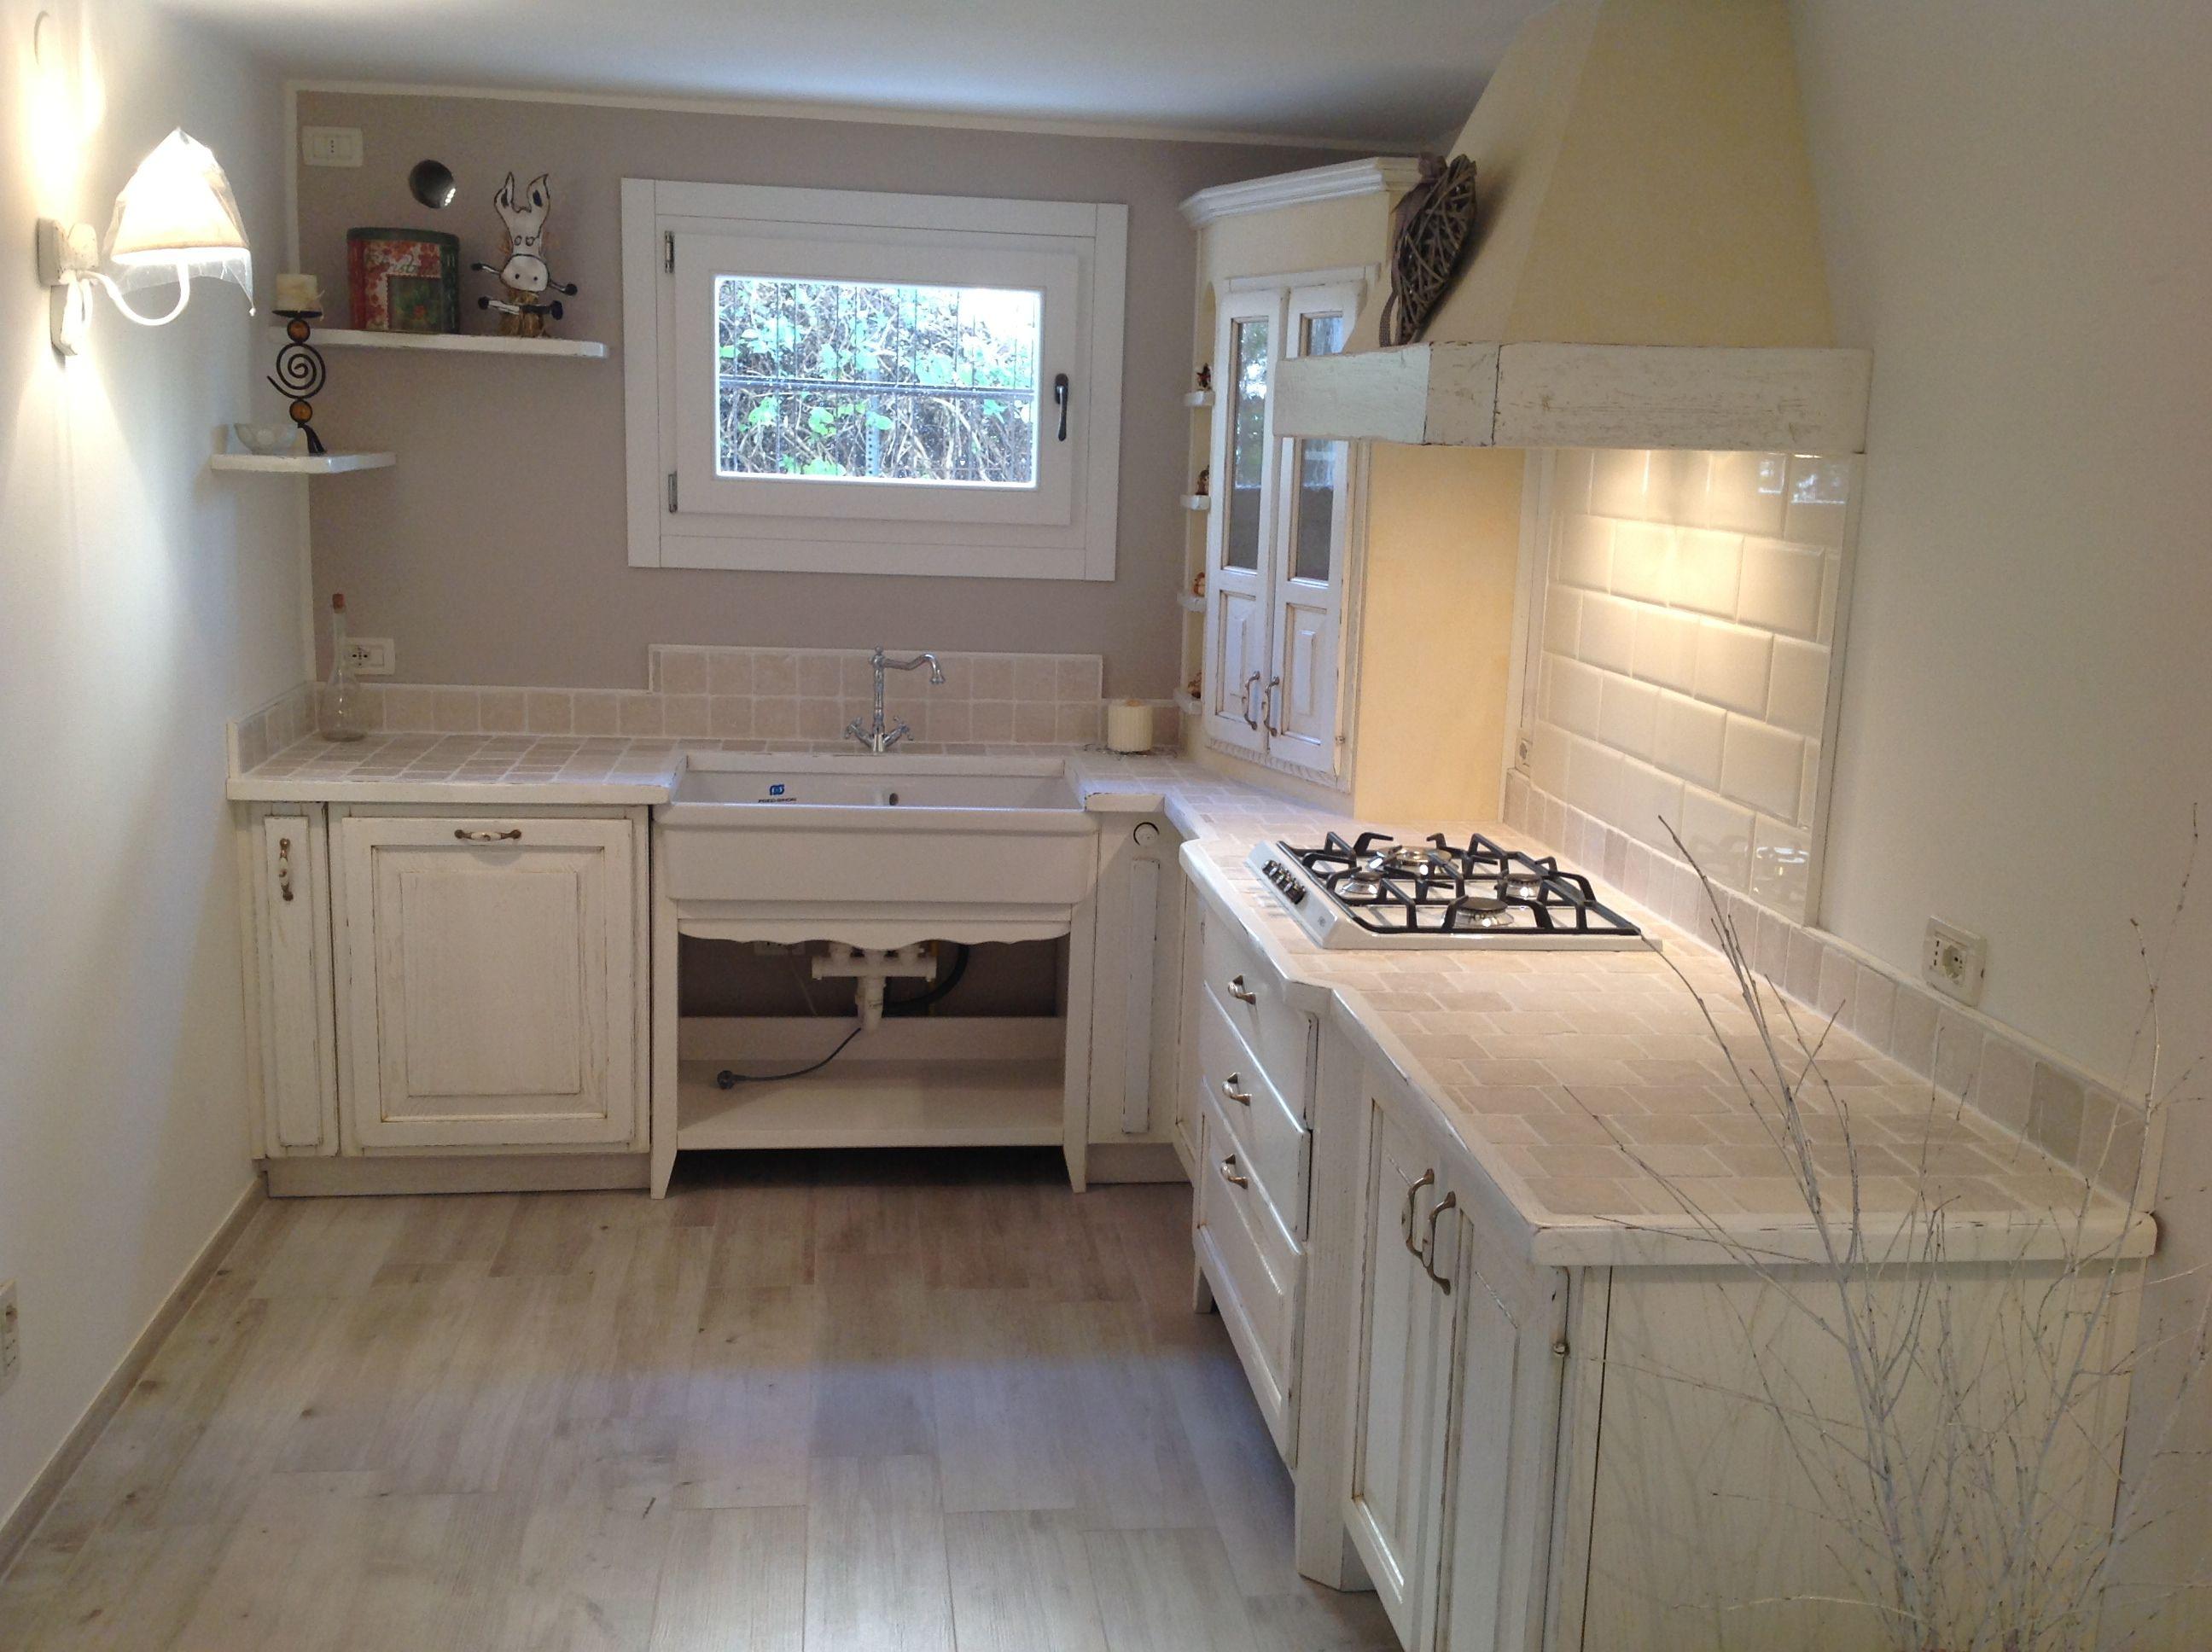 Cucina in muratura in stile provenzale cucine country for Cucine in stile